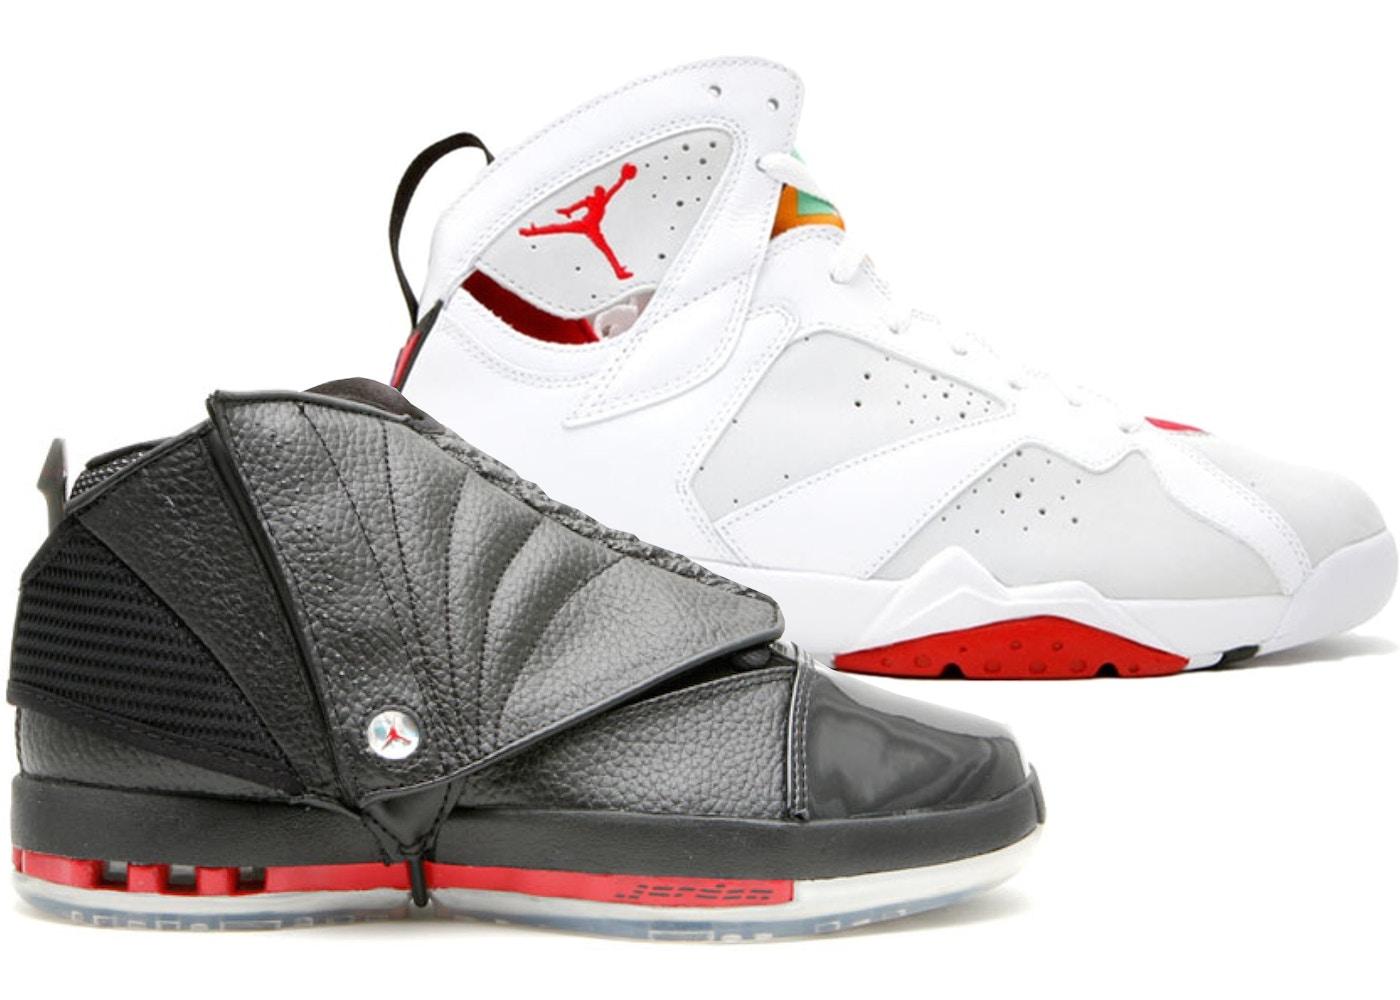 a3b72c81a3d6c3 Air Jordan Other Shoes - Last Sale